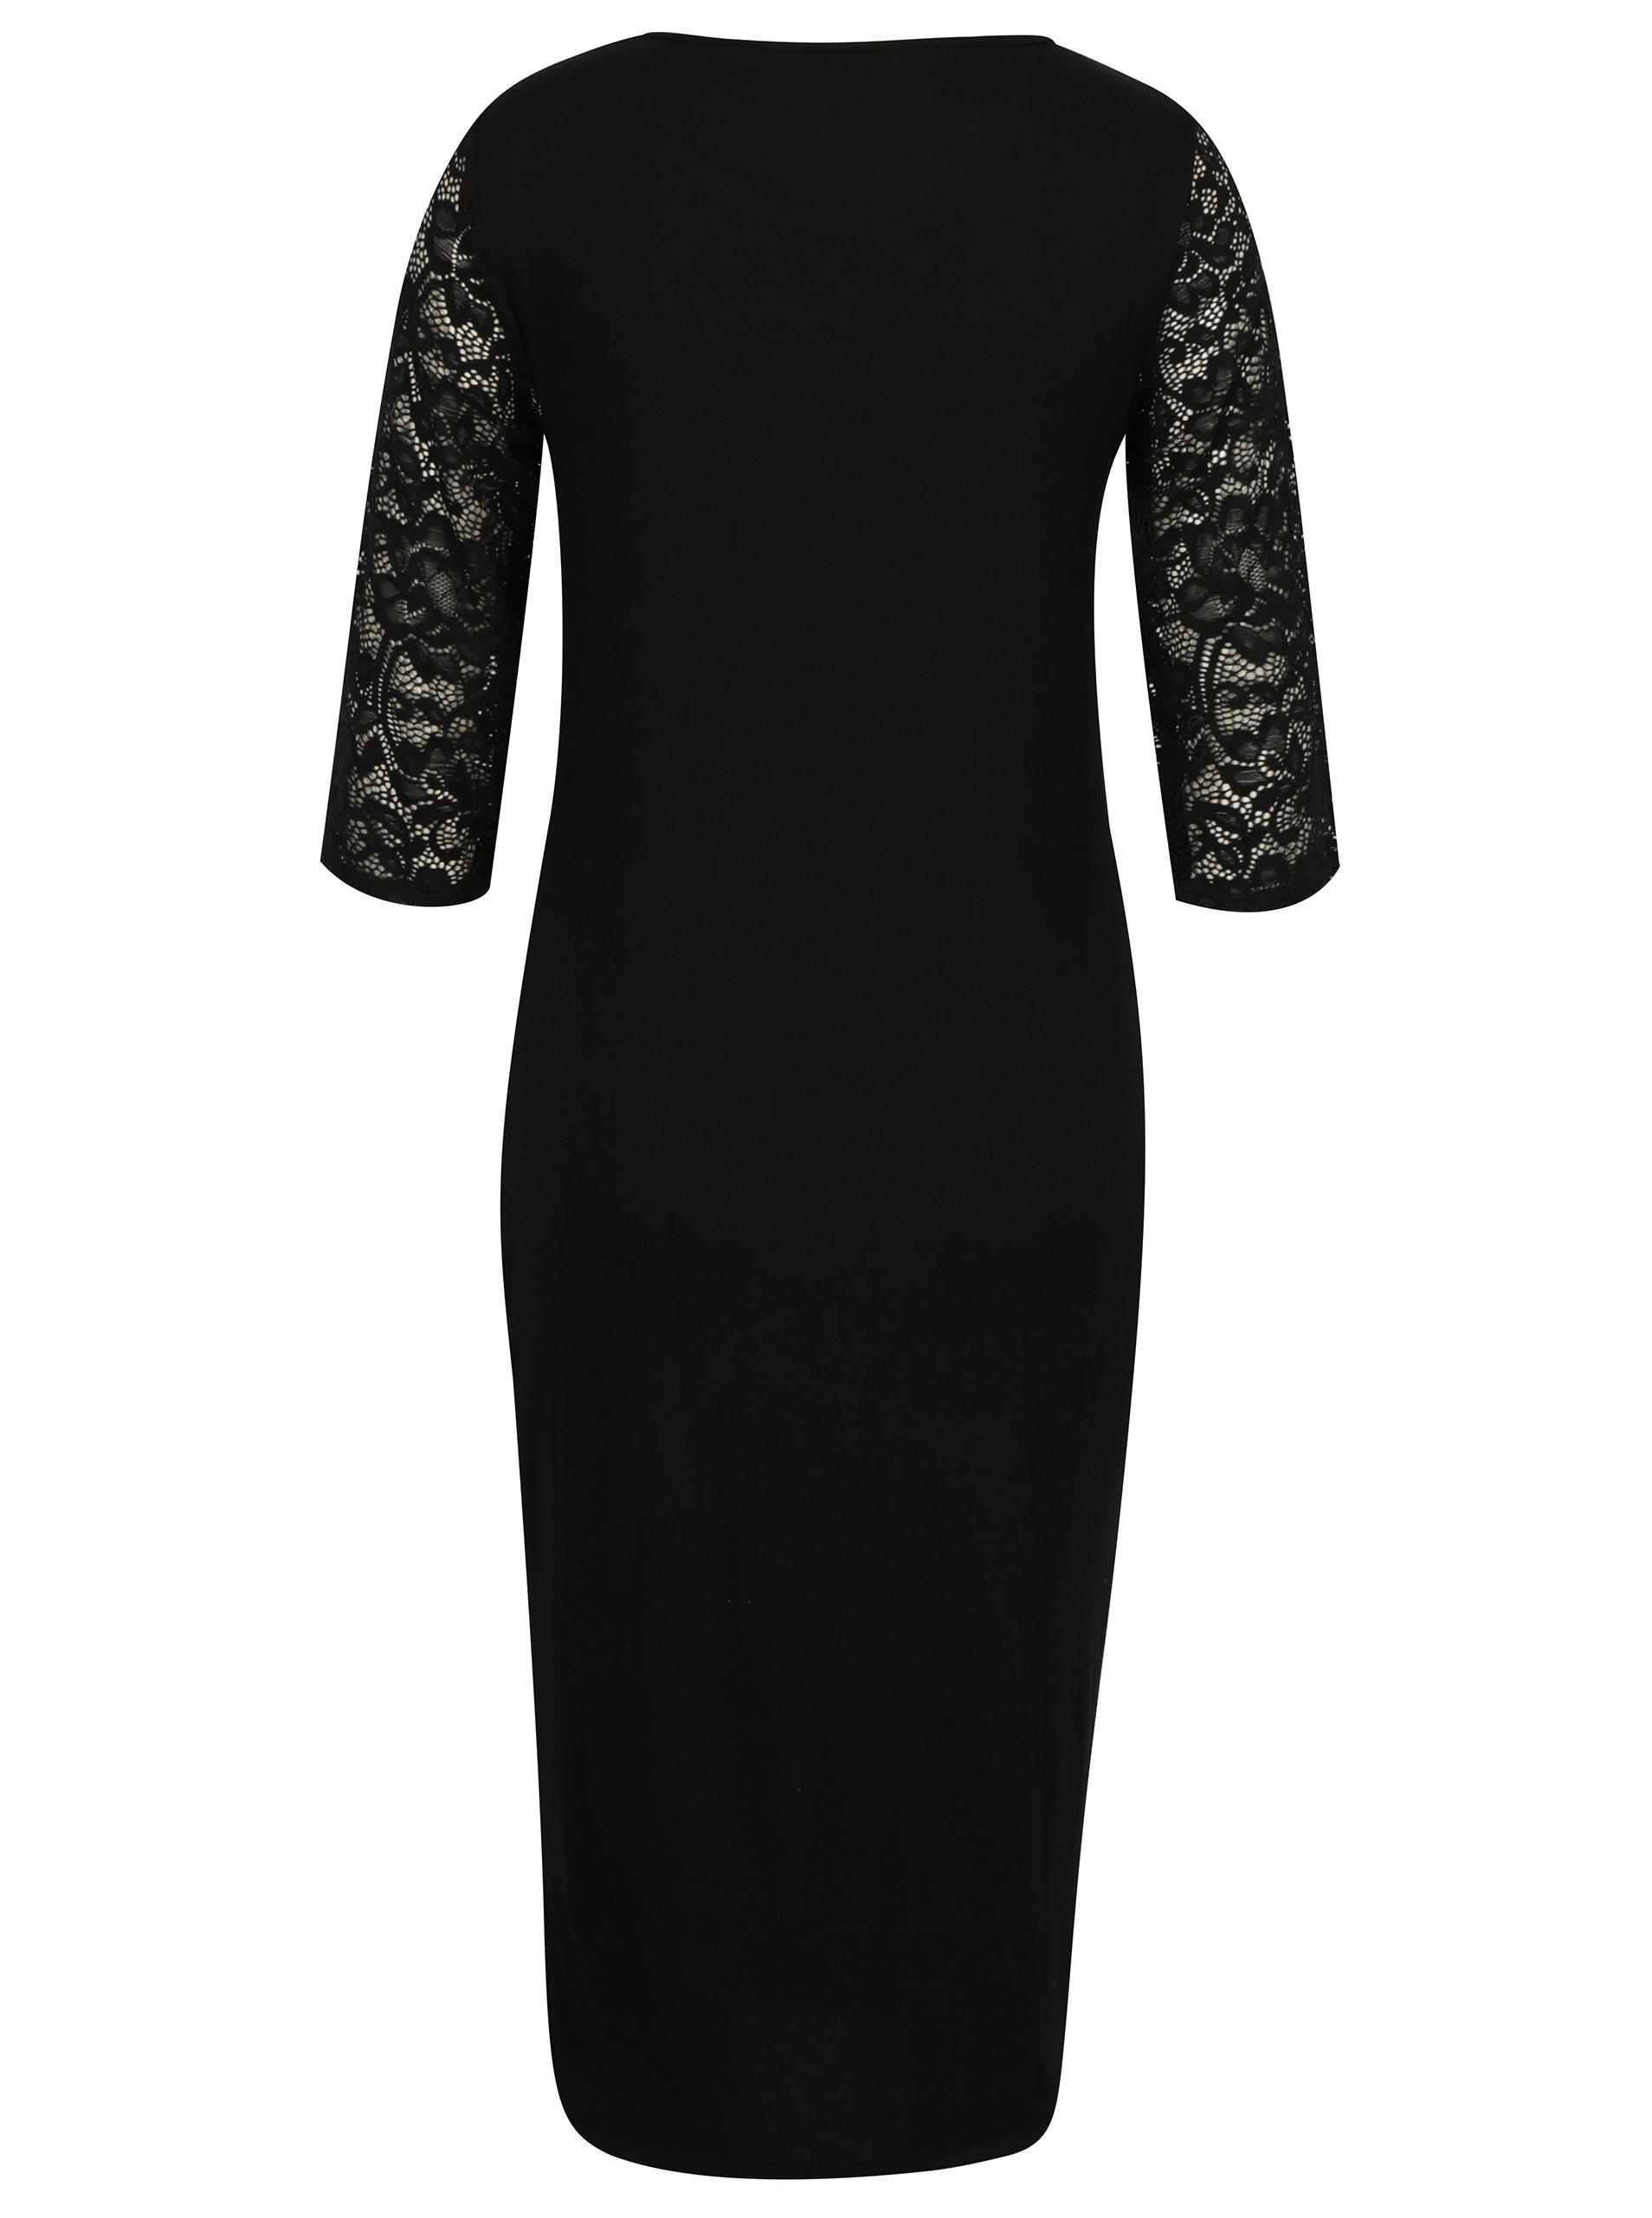 885607f64247 Čierne tehotenské šaty s čipkou Dorothy Perkins Maternity ...